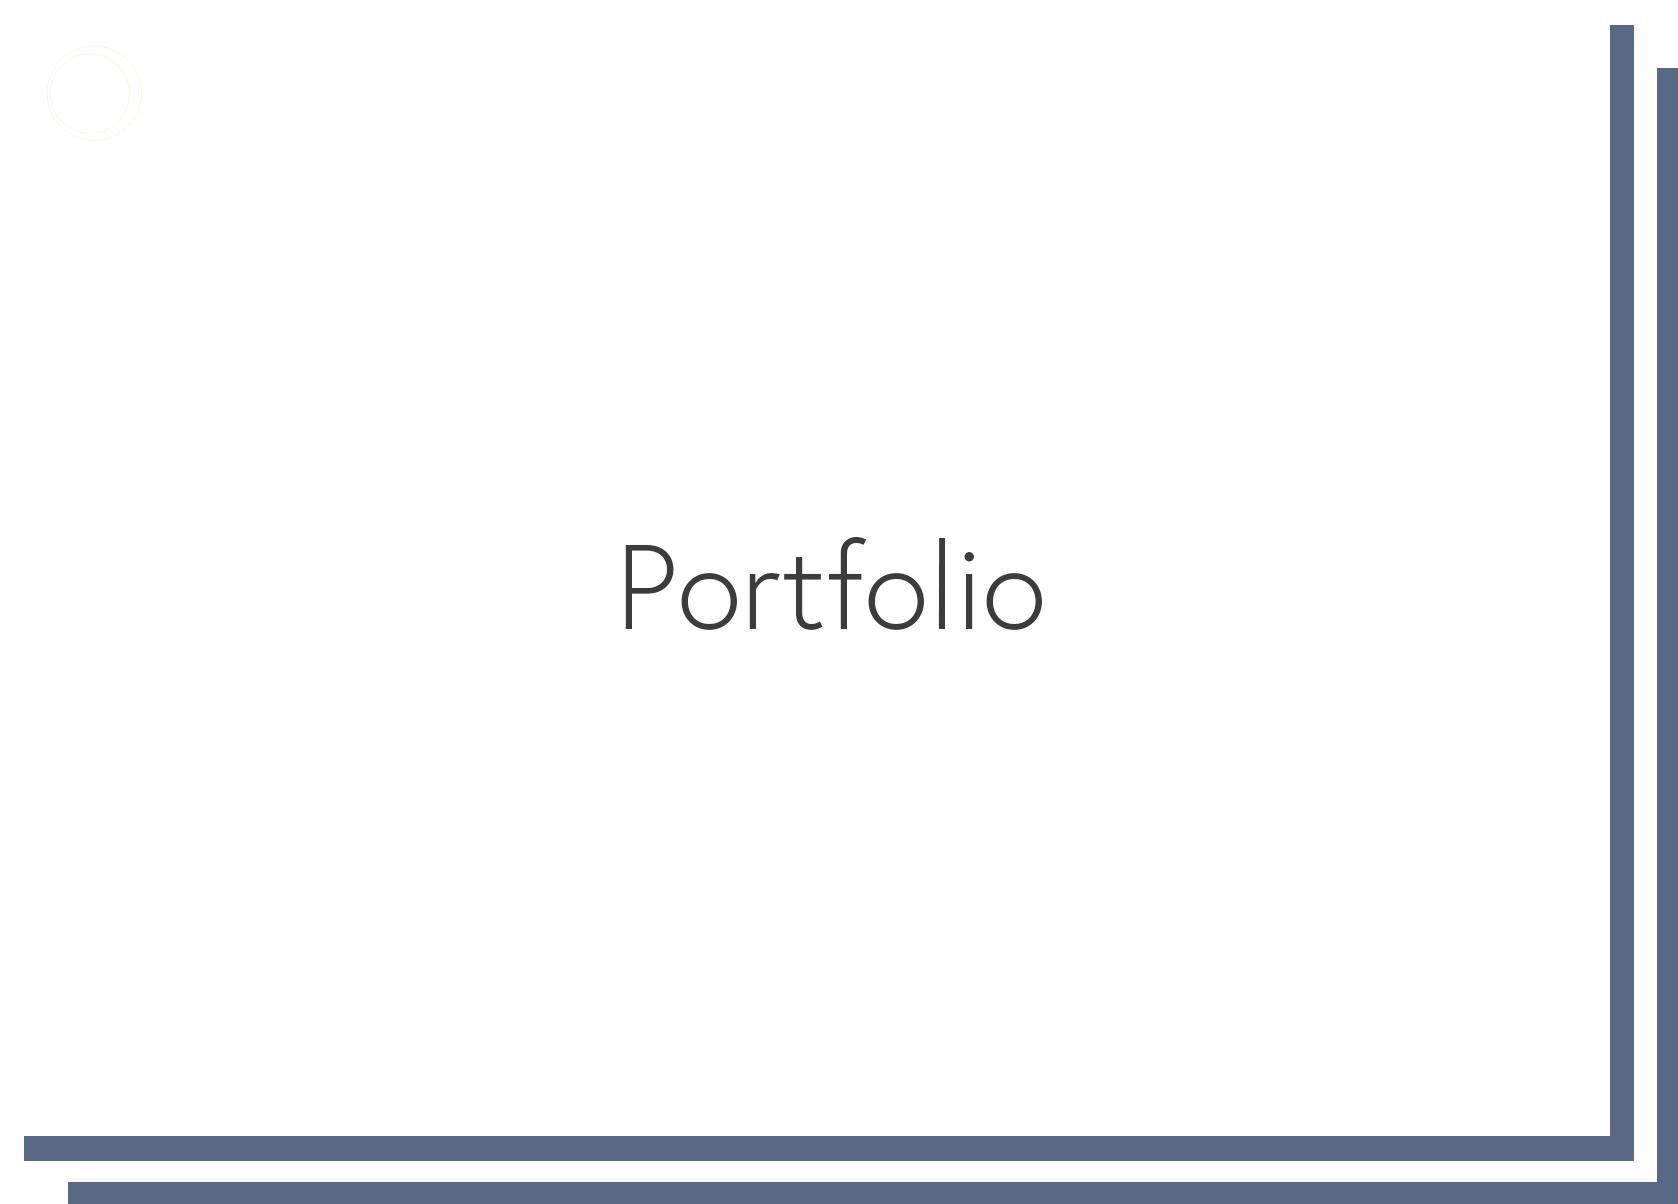 portfolio_named.png